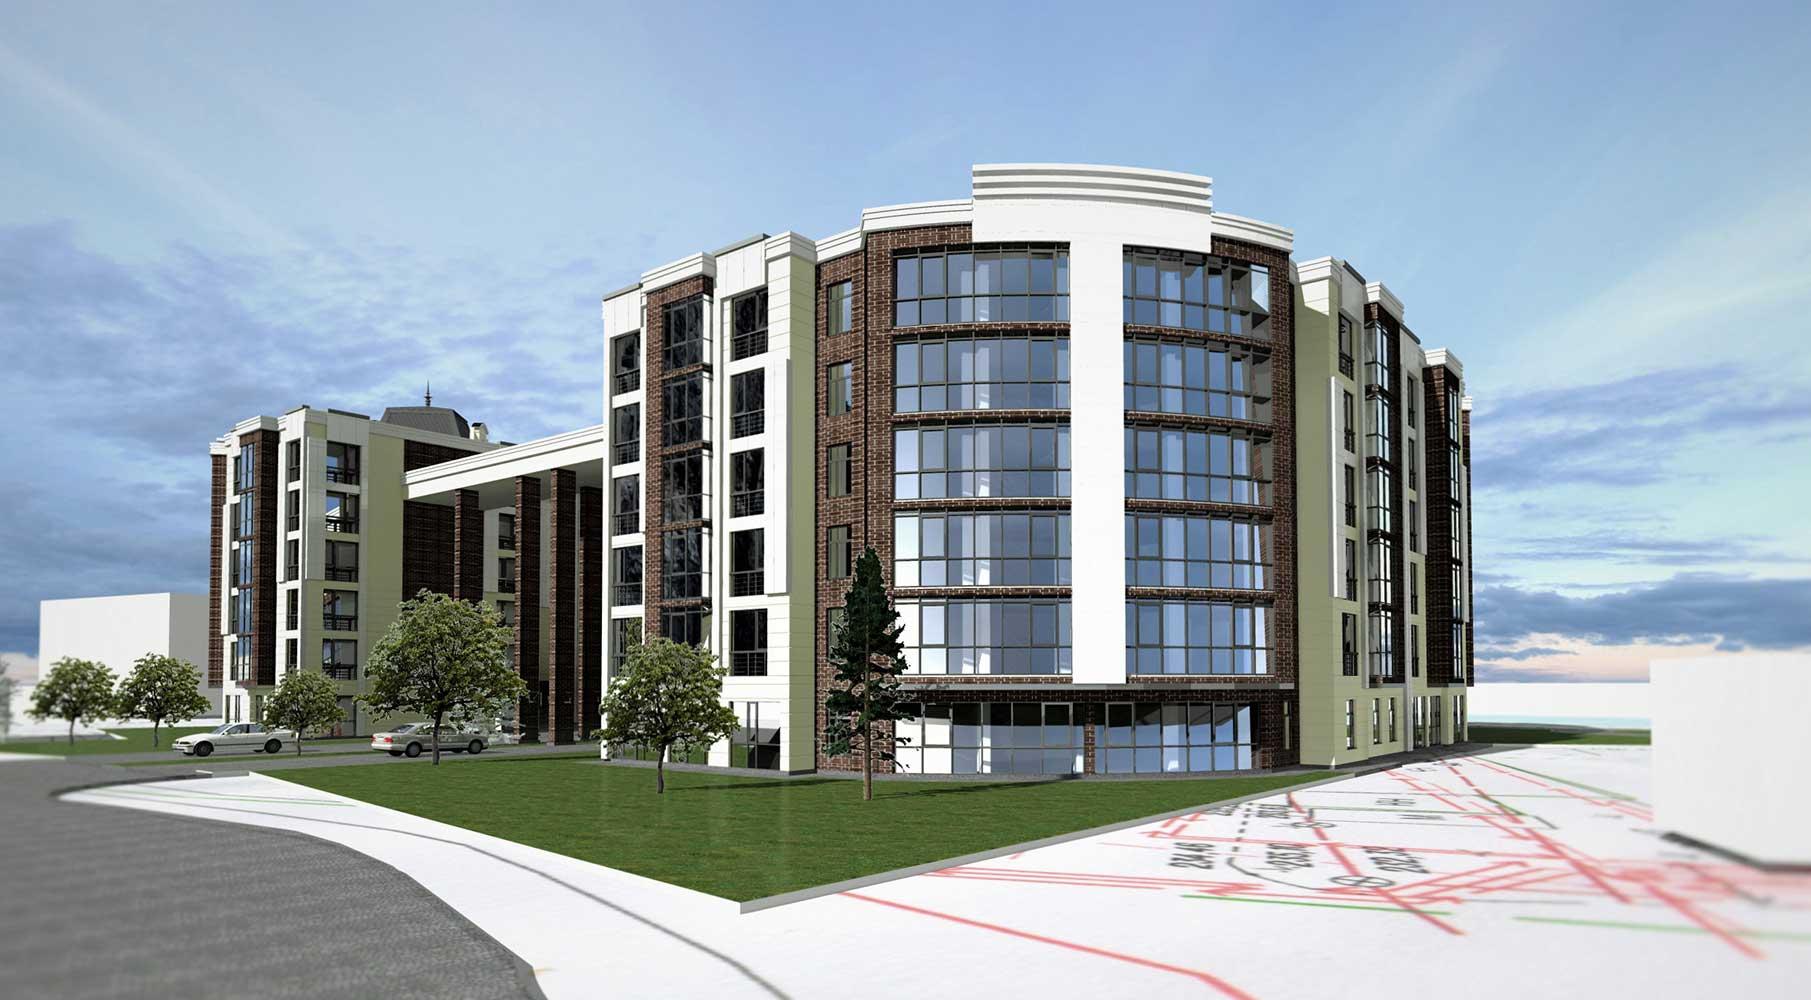 Проектное предложение жилого комплекса по ул. Свердлова в г. Виннице (фото 4)